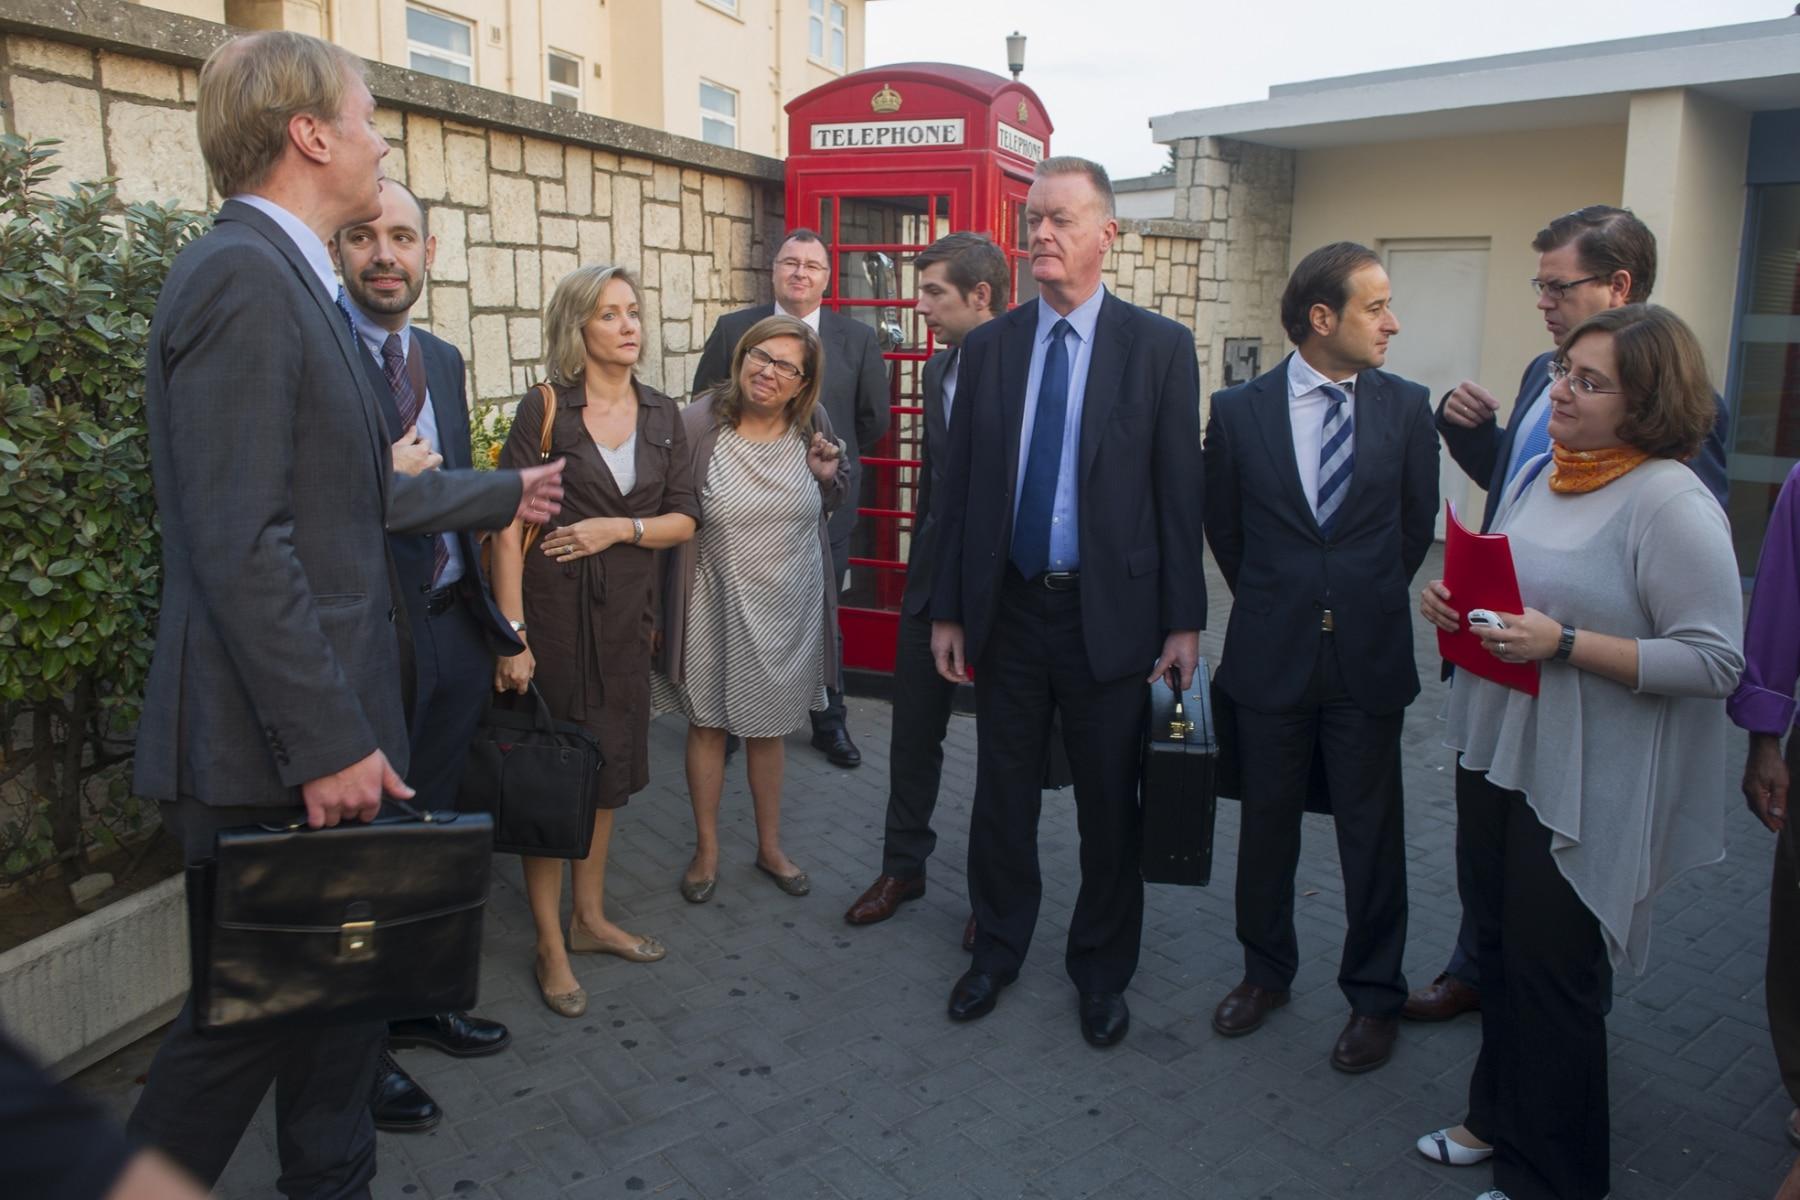 Gibraltar, 25 septiembre 2013. Miembros de la Comisión Europea recién llegados a la aduana gibraltareña. MARCOS MORENO